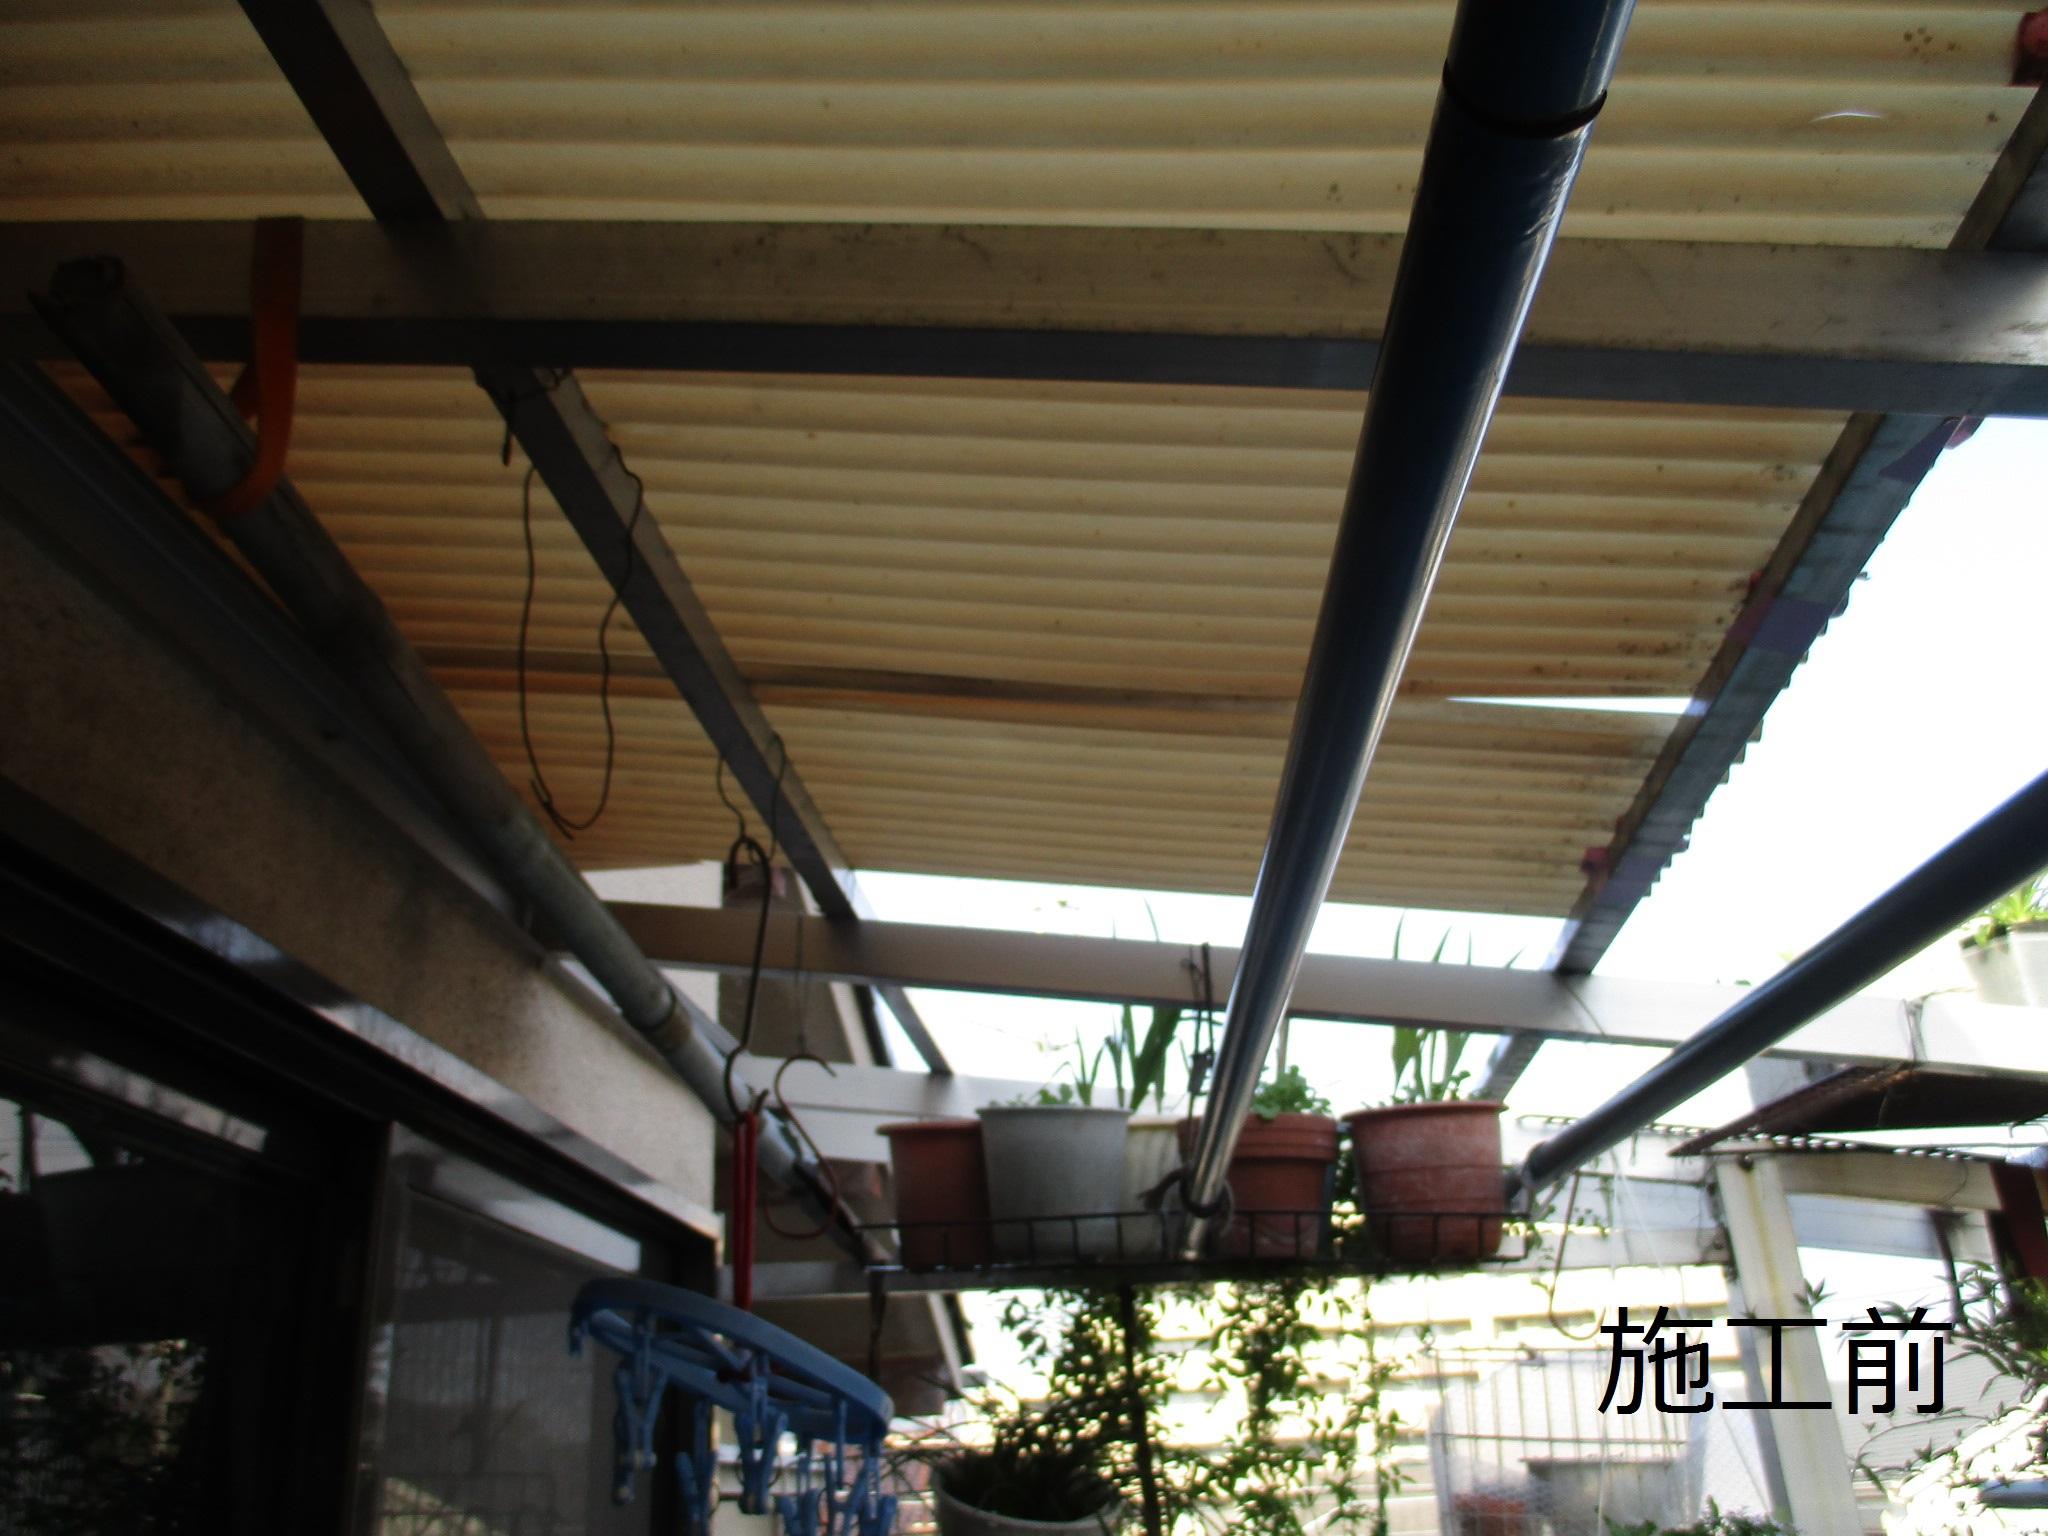 宝塚市 バルコニー屋根張替え工事イメージ03